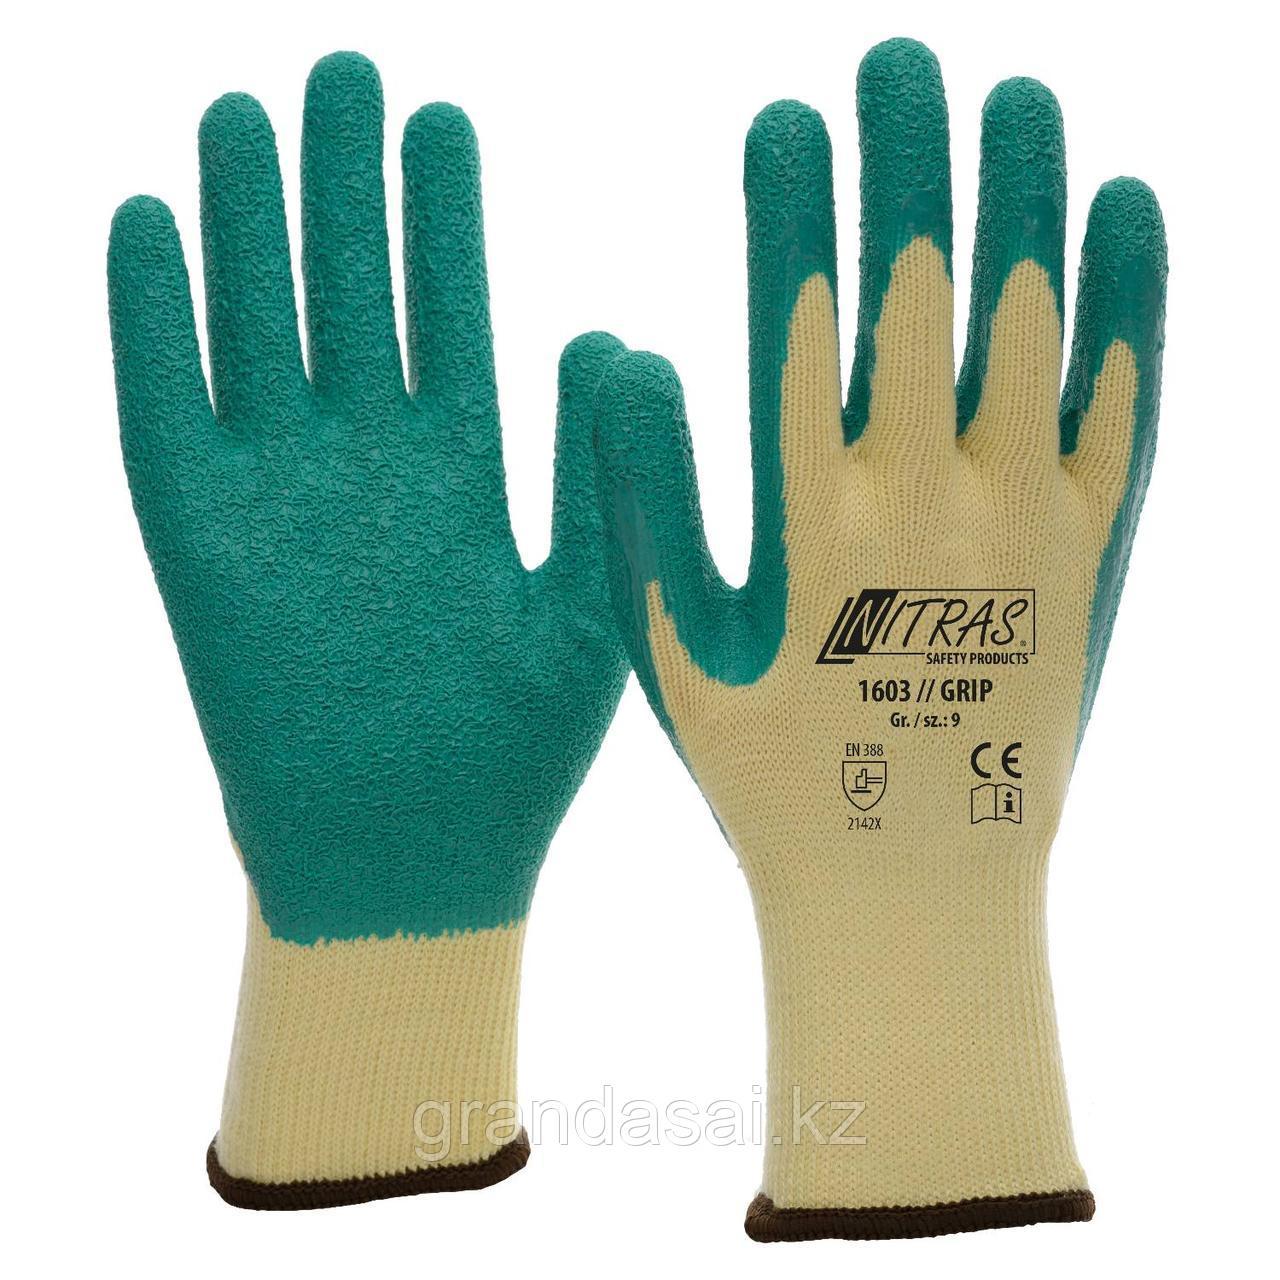 Латексные перчатки NITRAS GRIP